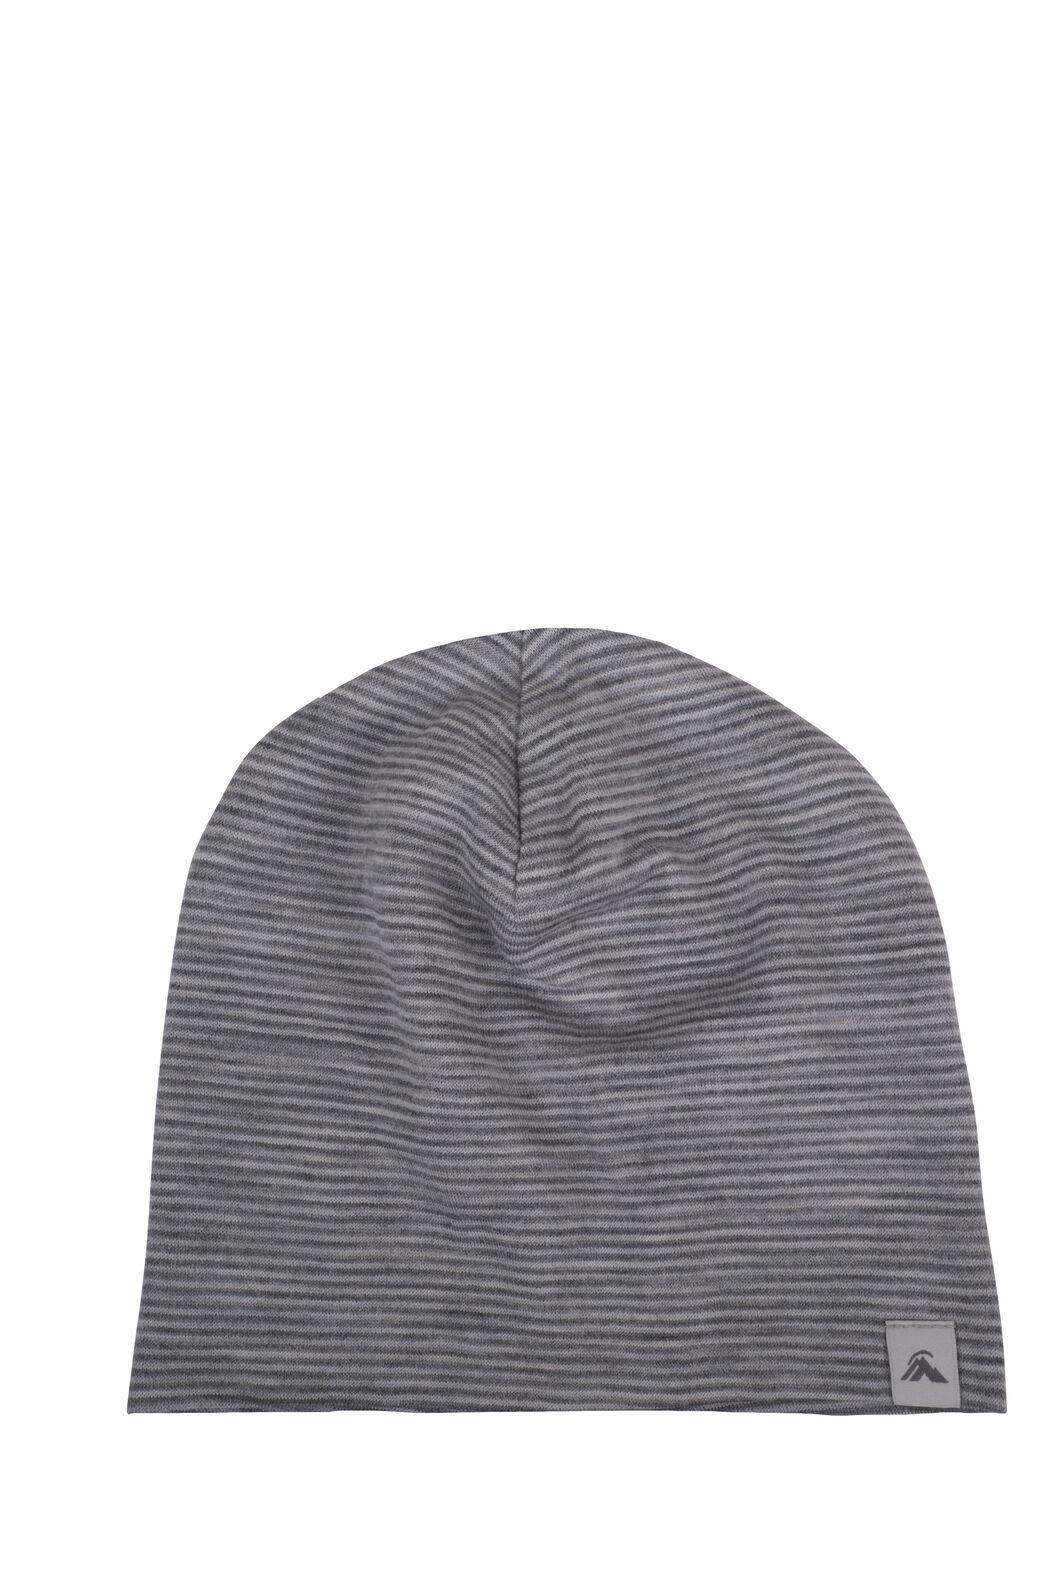 Macpac Merino 150 Beanie — Baby, Light Grey Stripe, hi-res